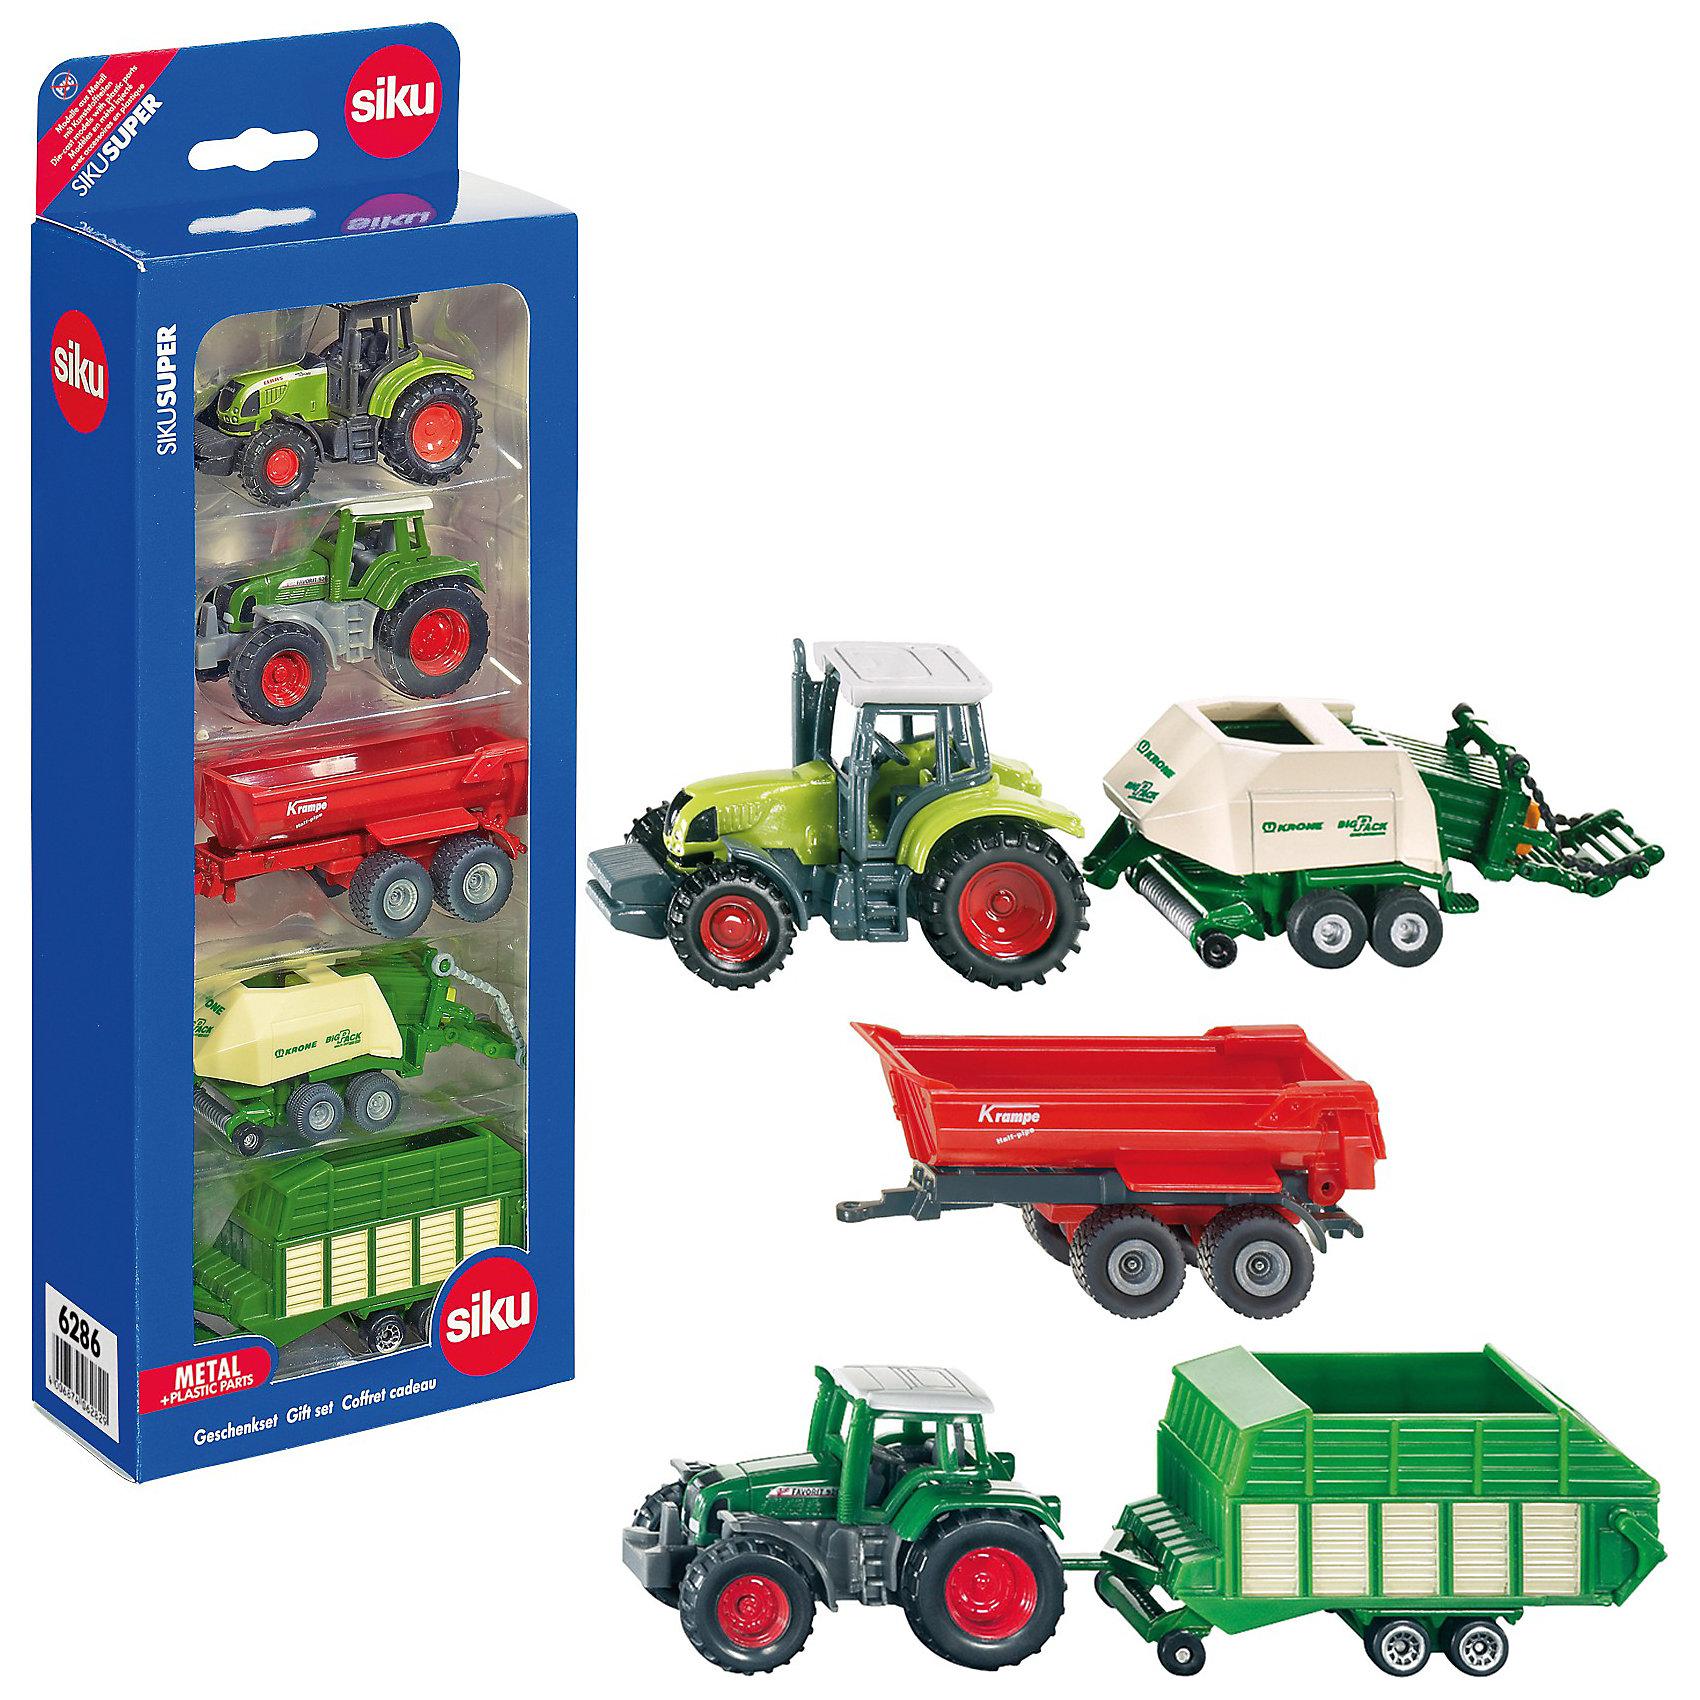 SIKU SIKU 6286 Подарочный набор сельскохозяйственной техники игрушка siku ауди r8 8 0 3 7 2 4см 1430